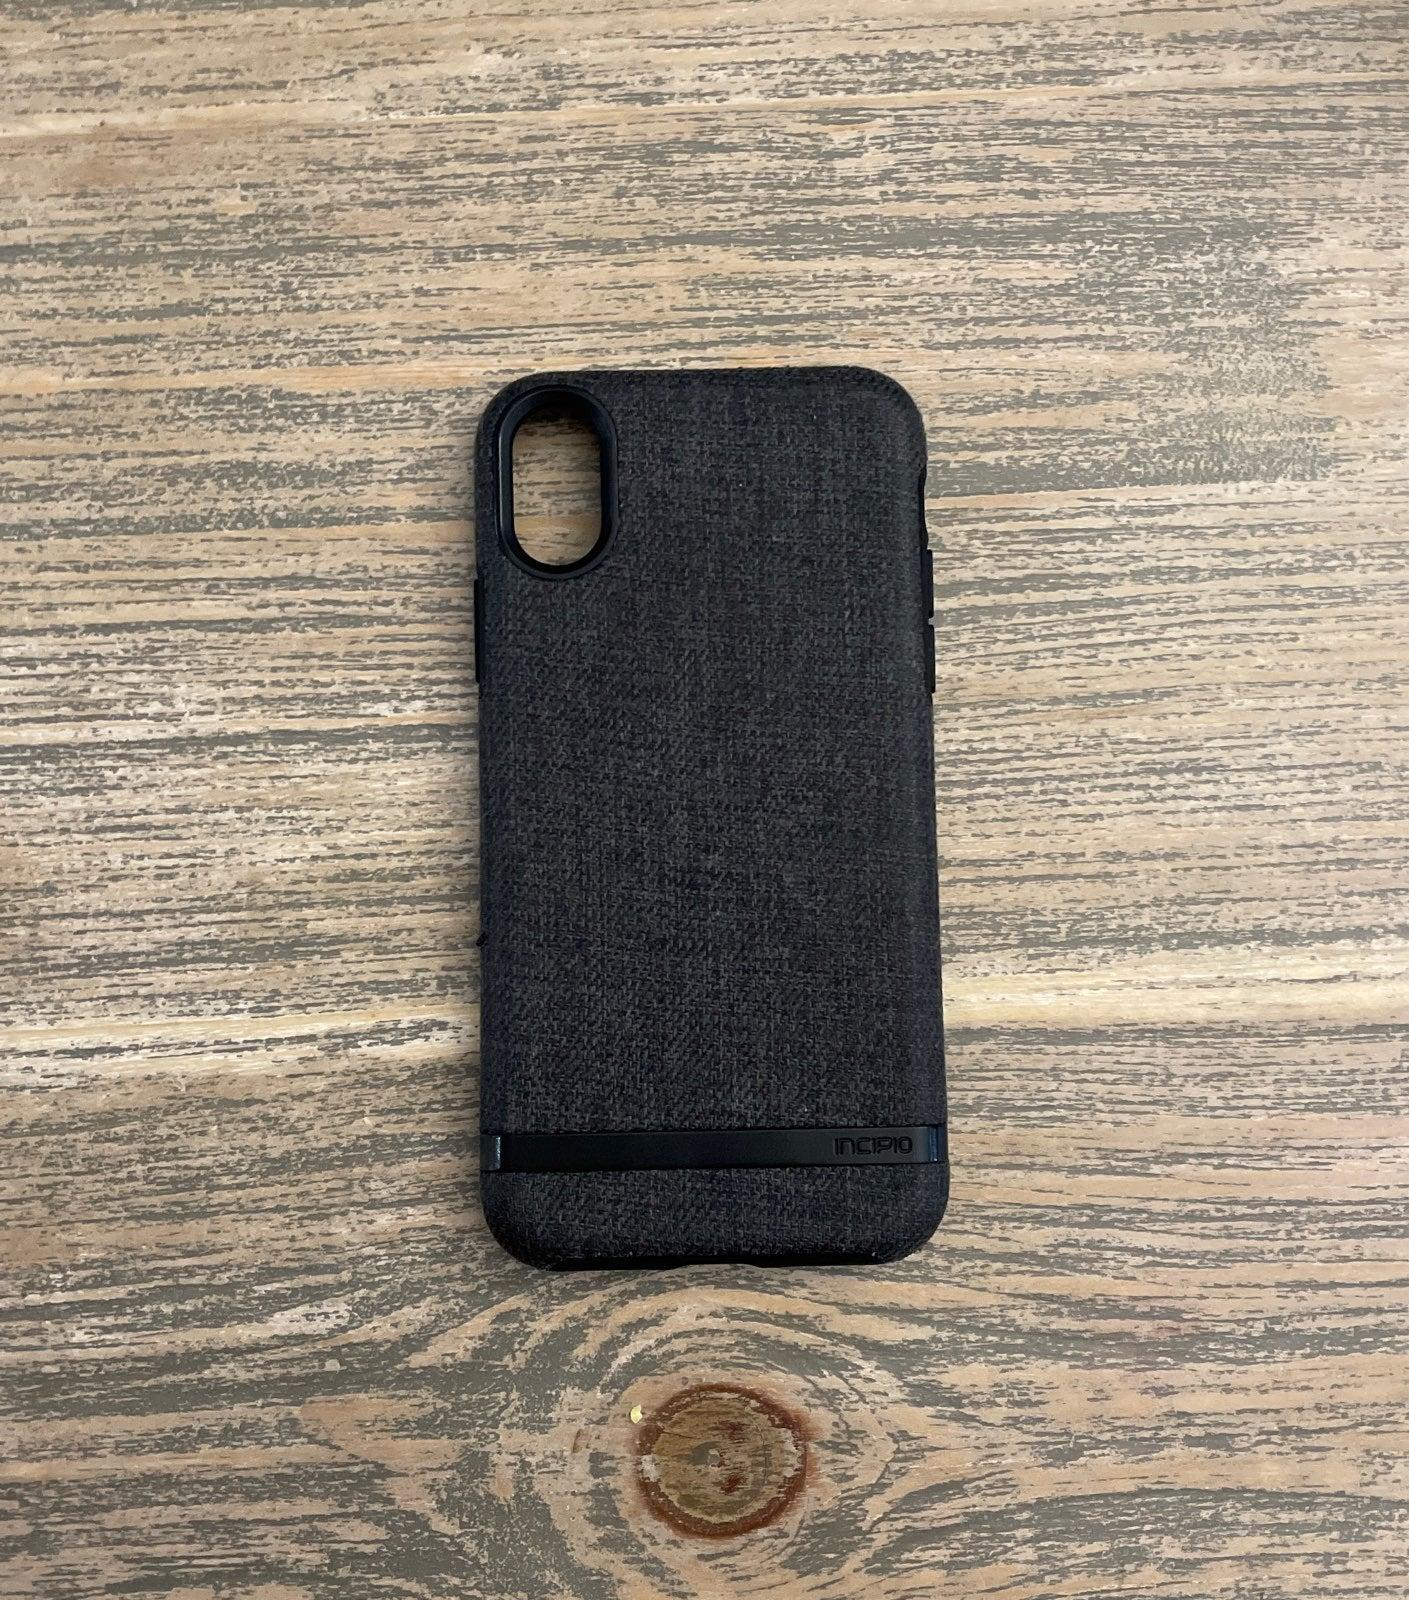 Incipio Case for iPhone X/XS